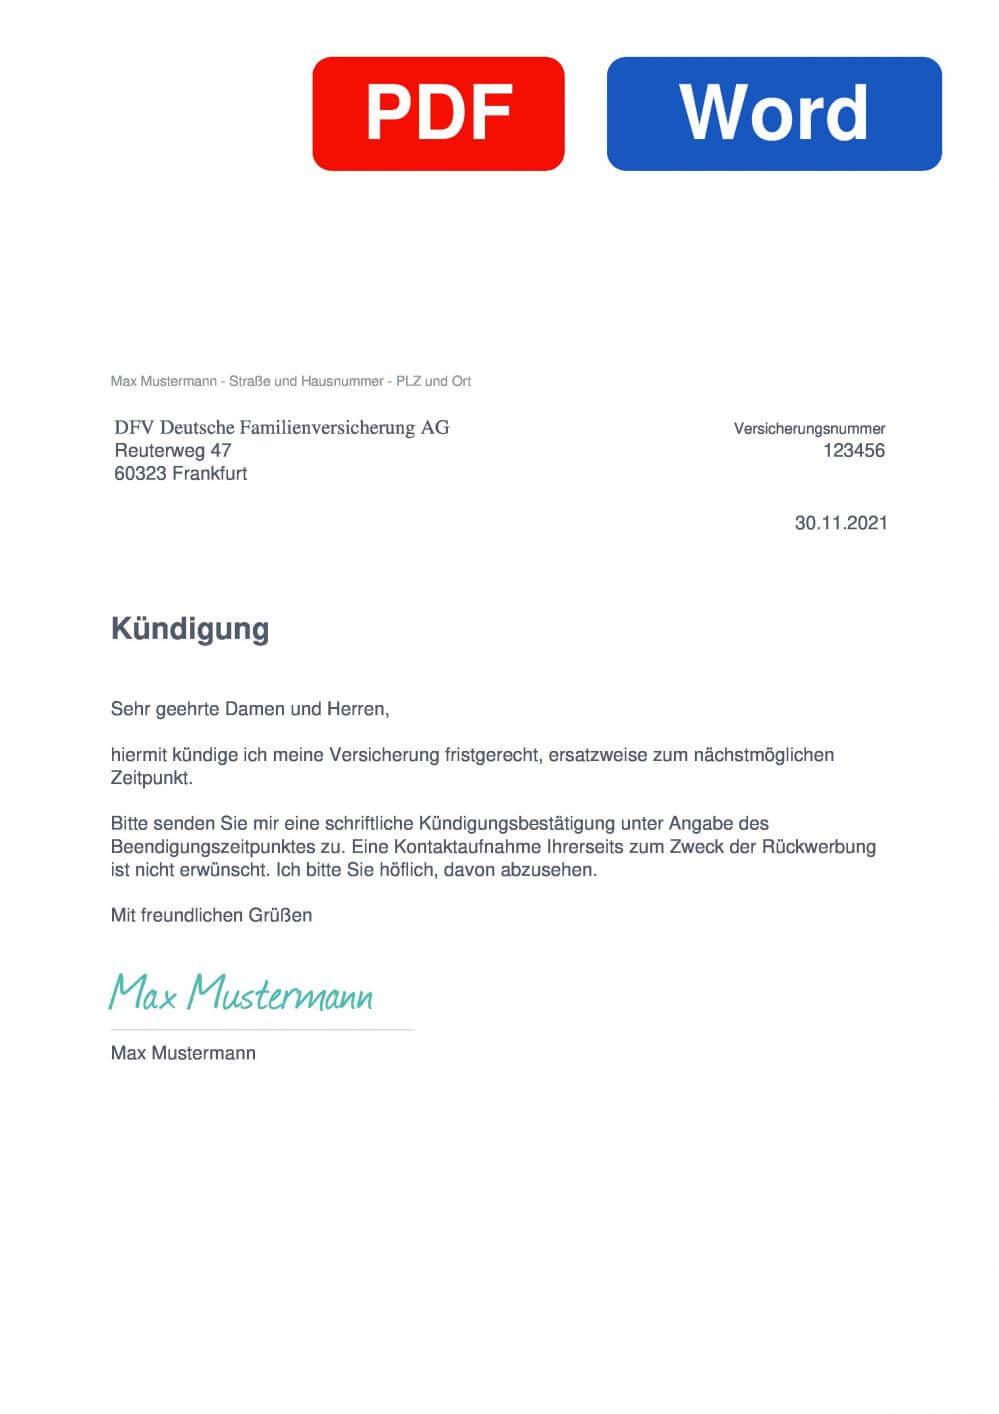 Deutsche Familienversicherung Muster Vorlage für Kündigungsschreiben